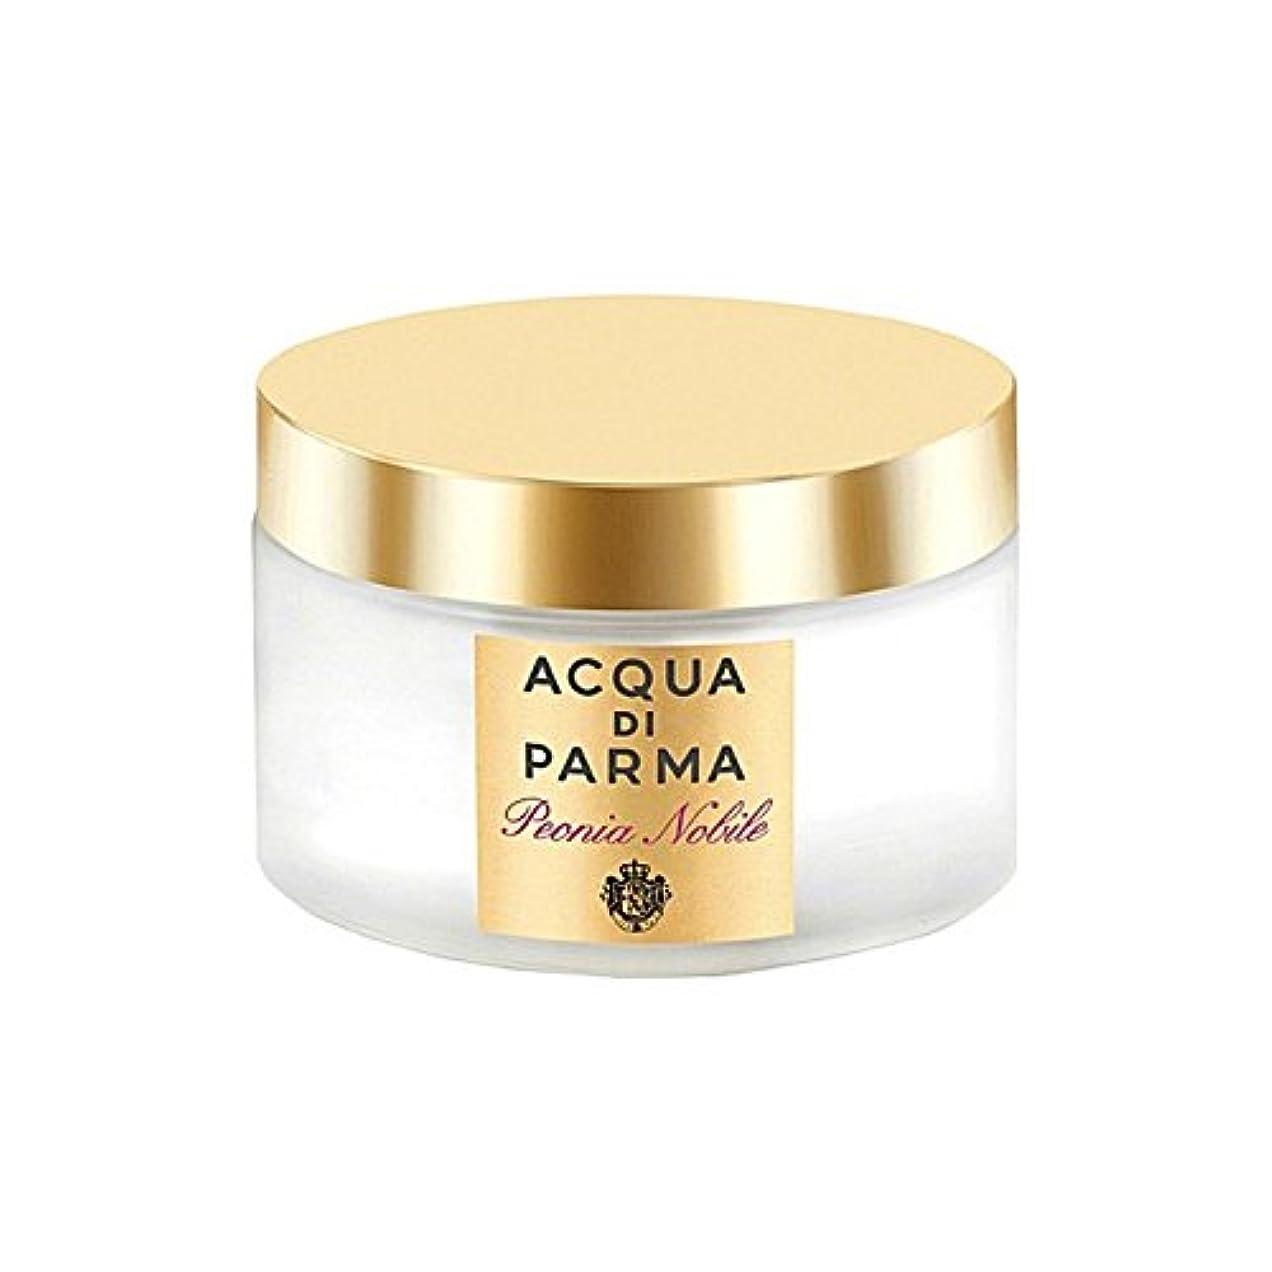 征服するゴネリルセントアクアディパルマノビレボディクリーム150ミリリットル x2 - Acqua Di Parma Peonia Nobile Body Cream 150ml (Pack of 2) [並行輸入品]